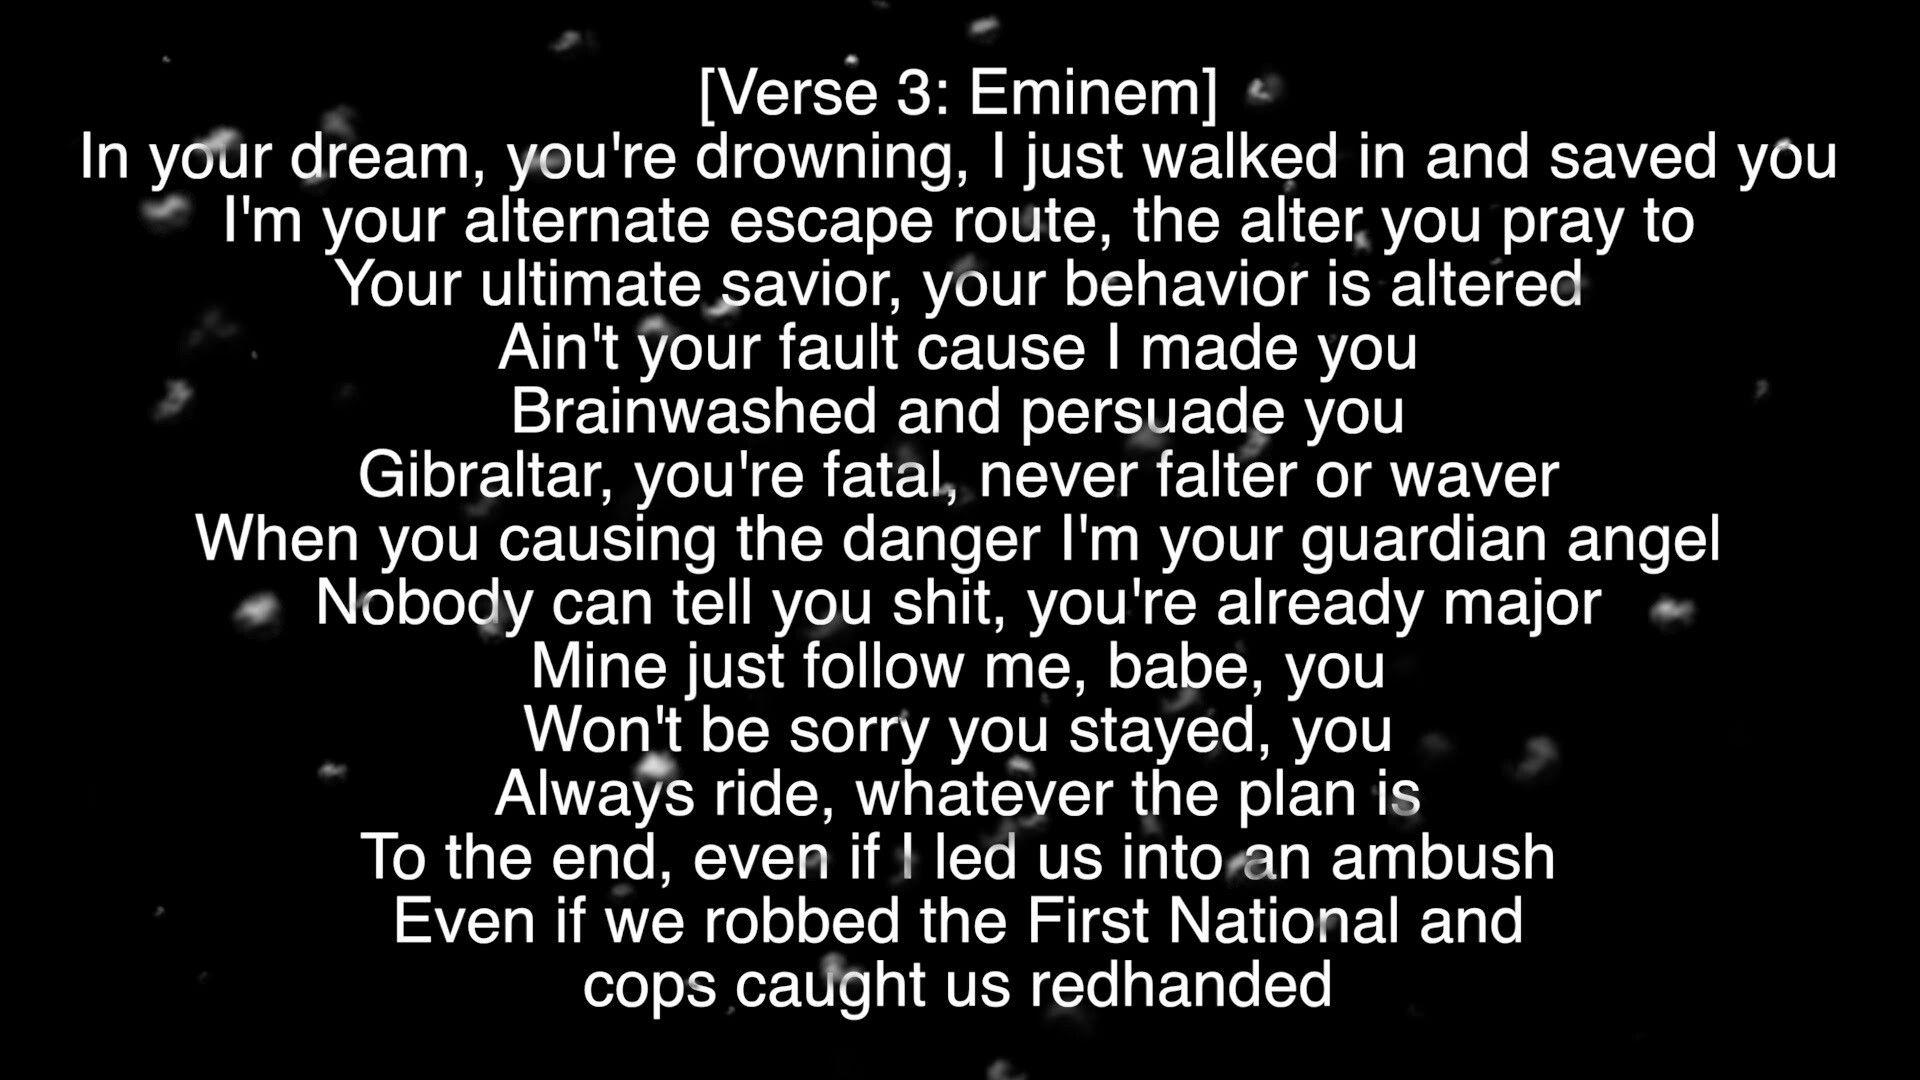 Kill For You Skylar Eminem Eminem Brainwashing Verse